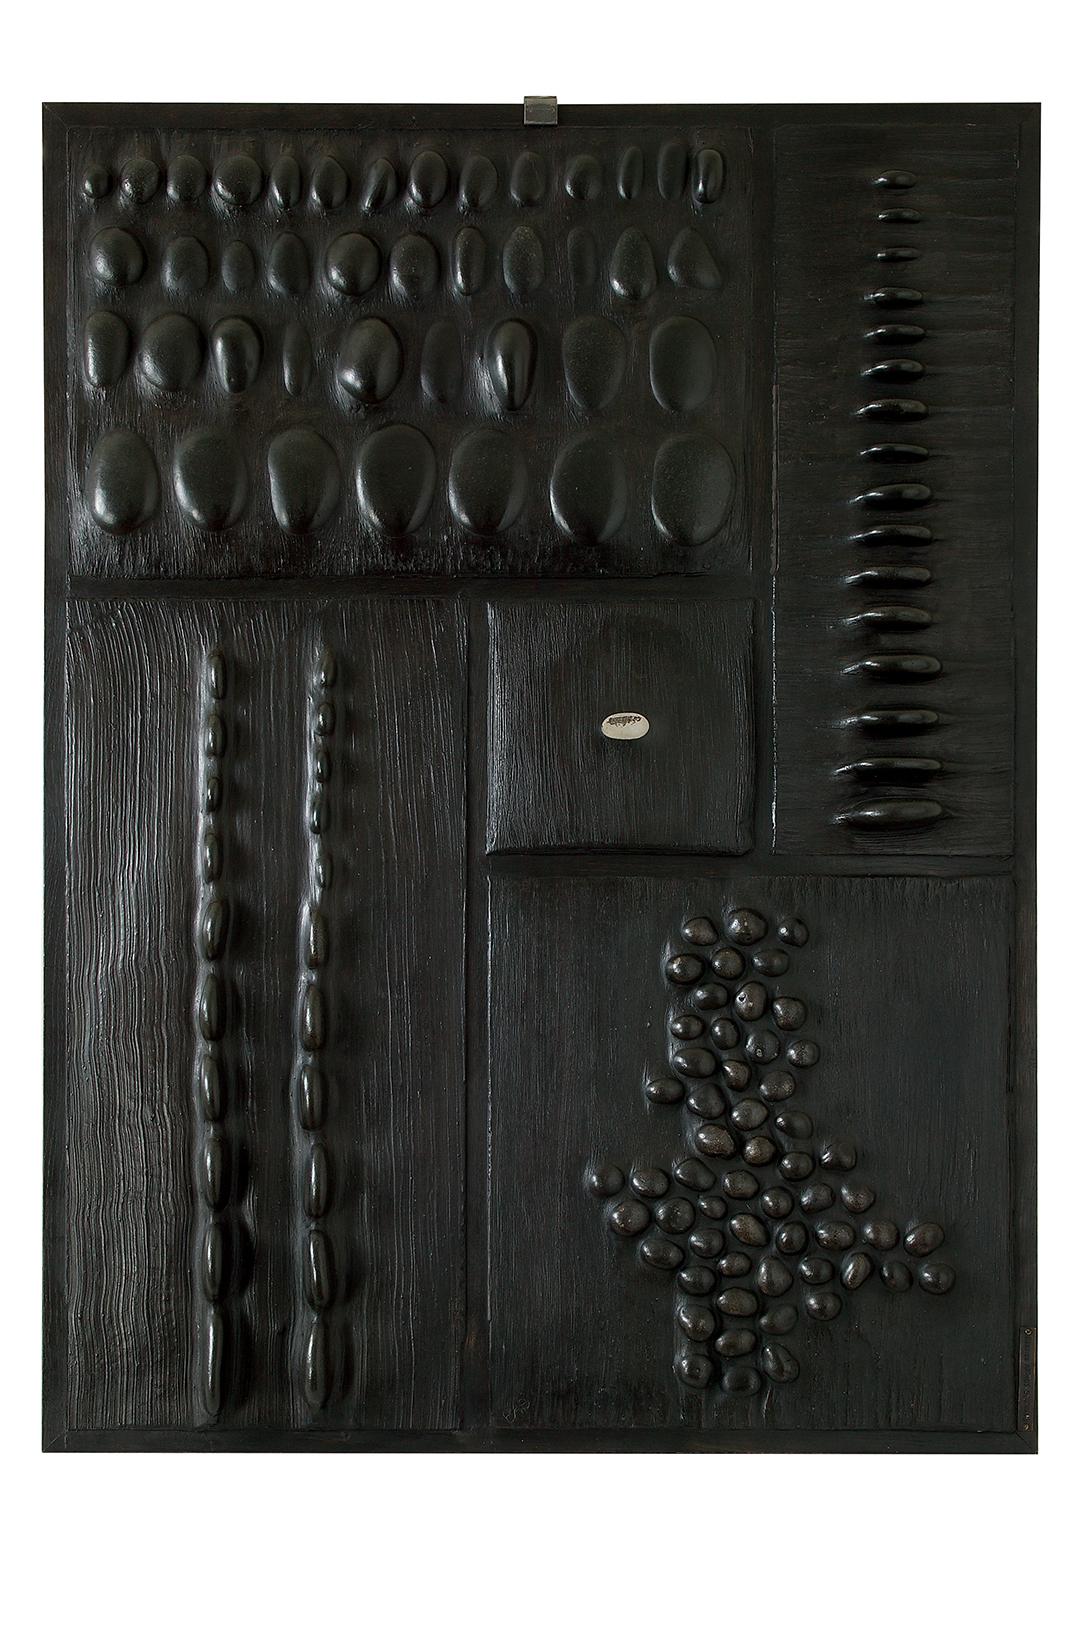 L'oeil  H 105 cm - L 75 cm Cadre en chêne, galets, ciment teinté ciré.